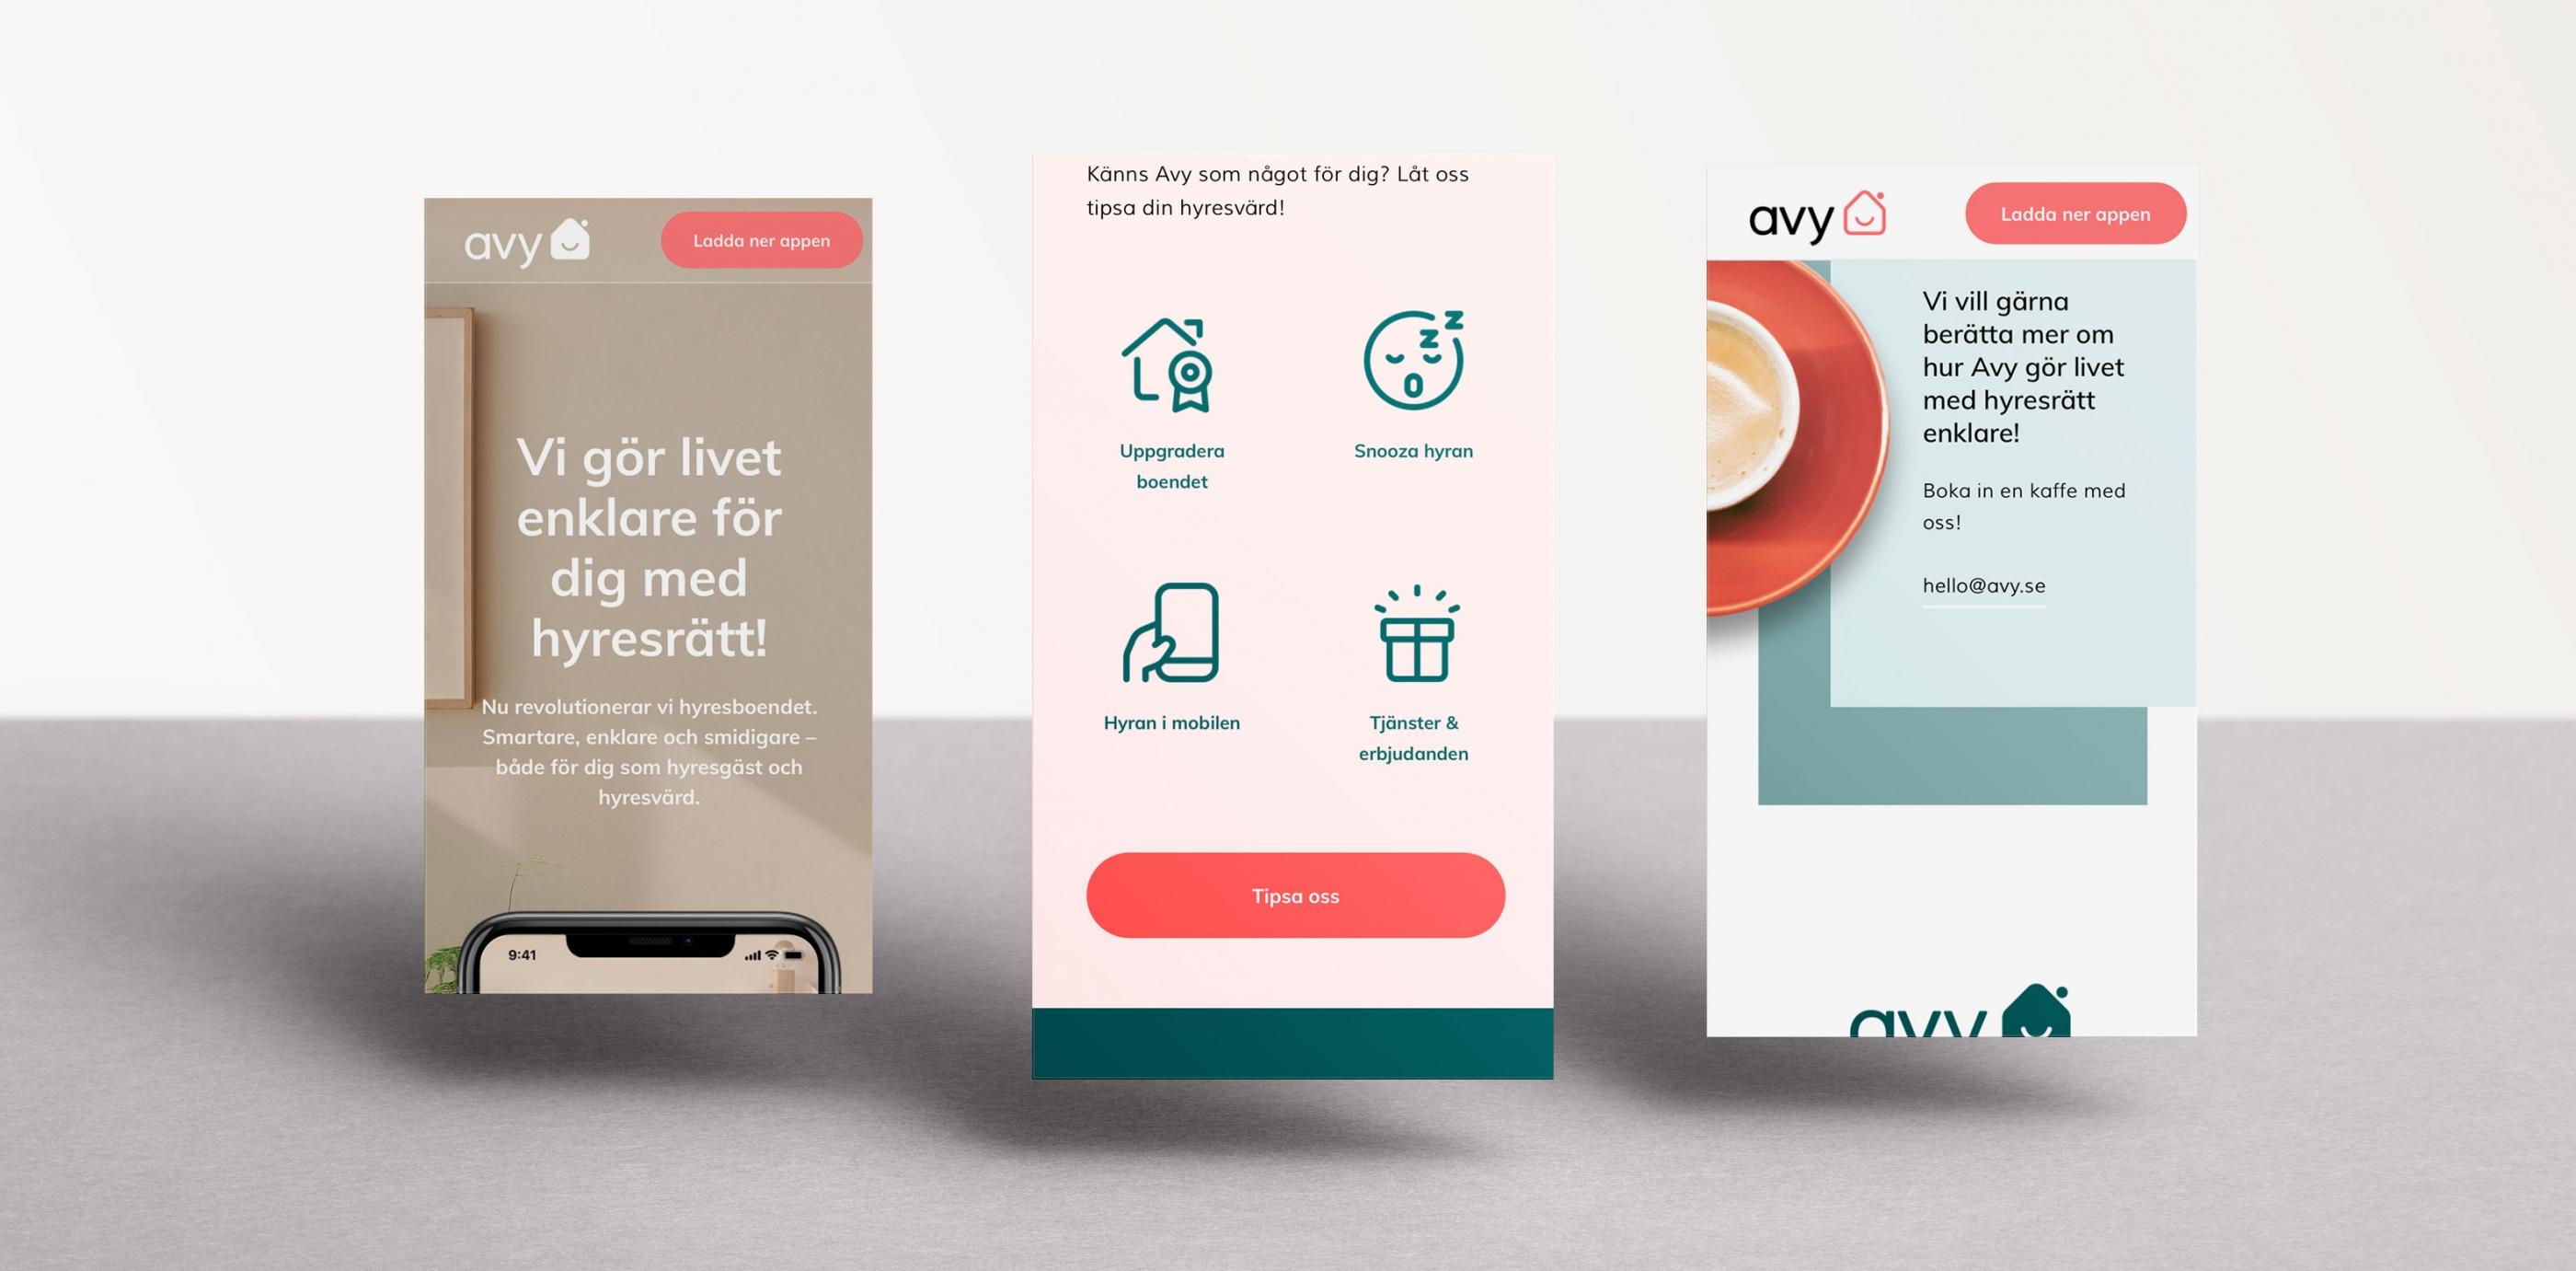 Avy app Wonderfour